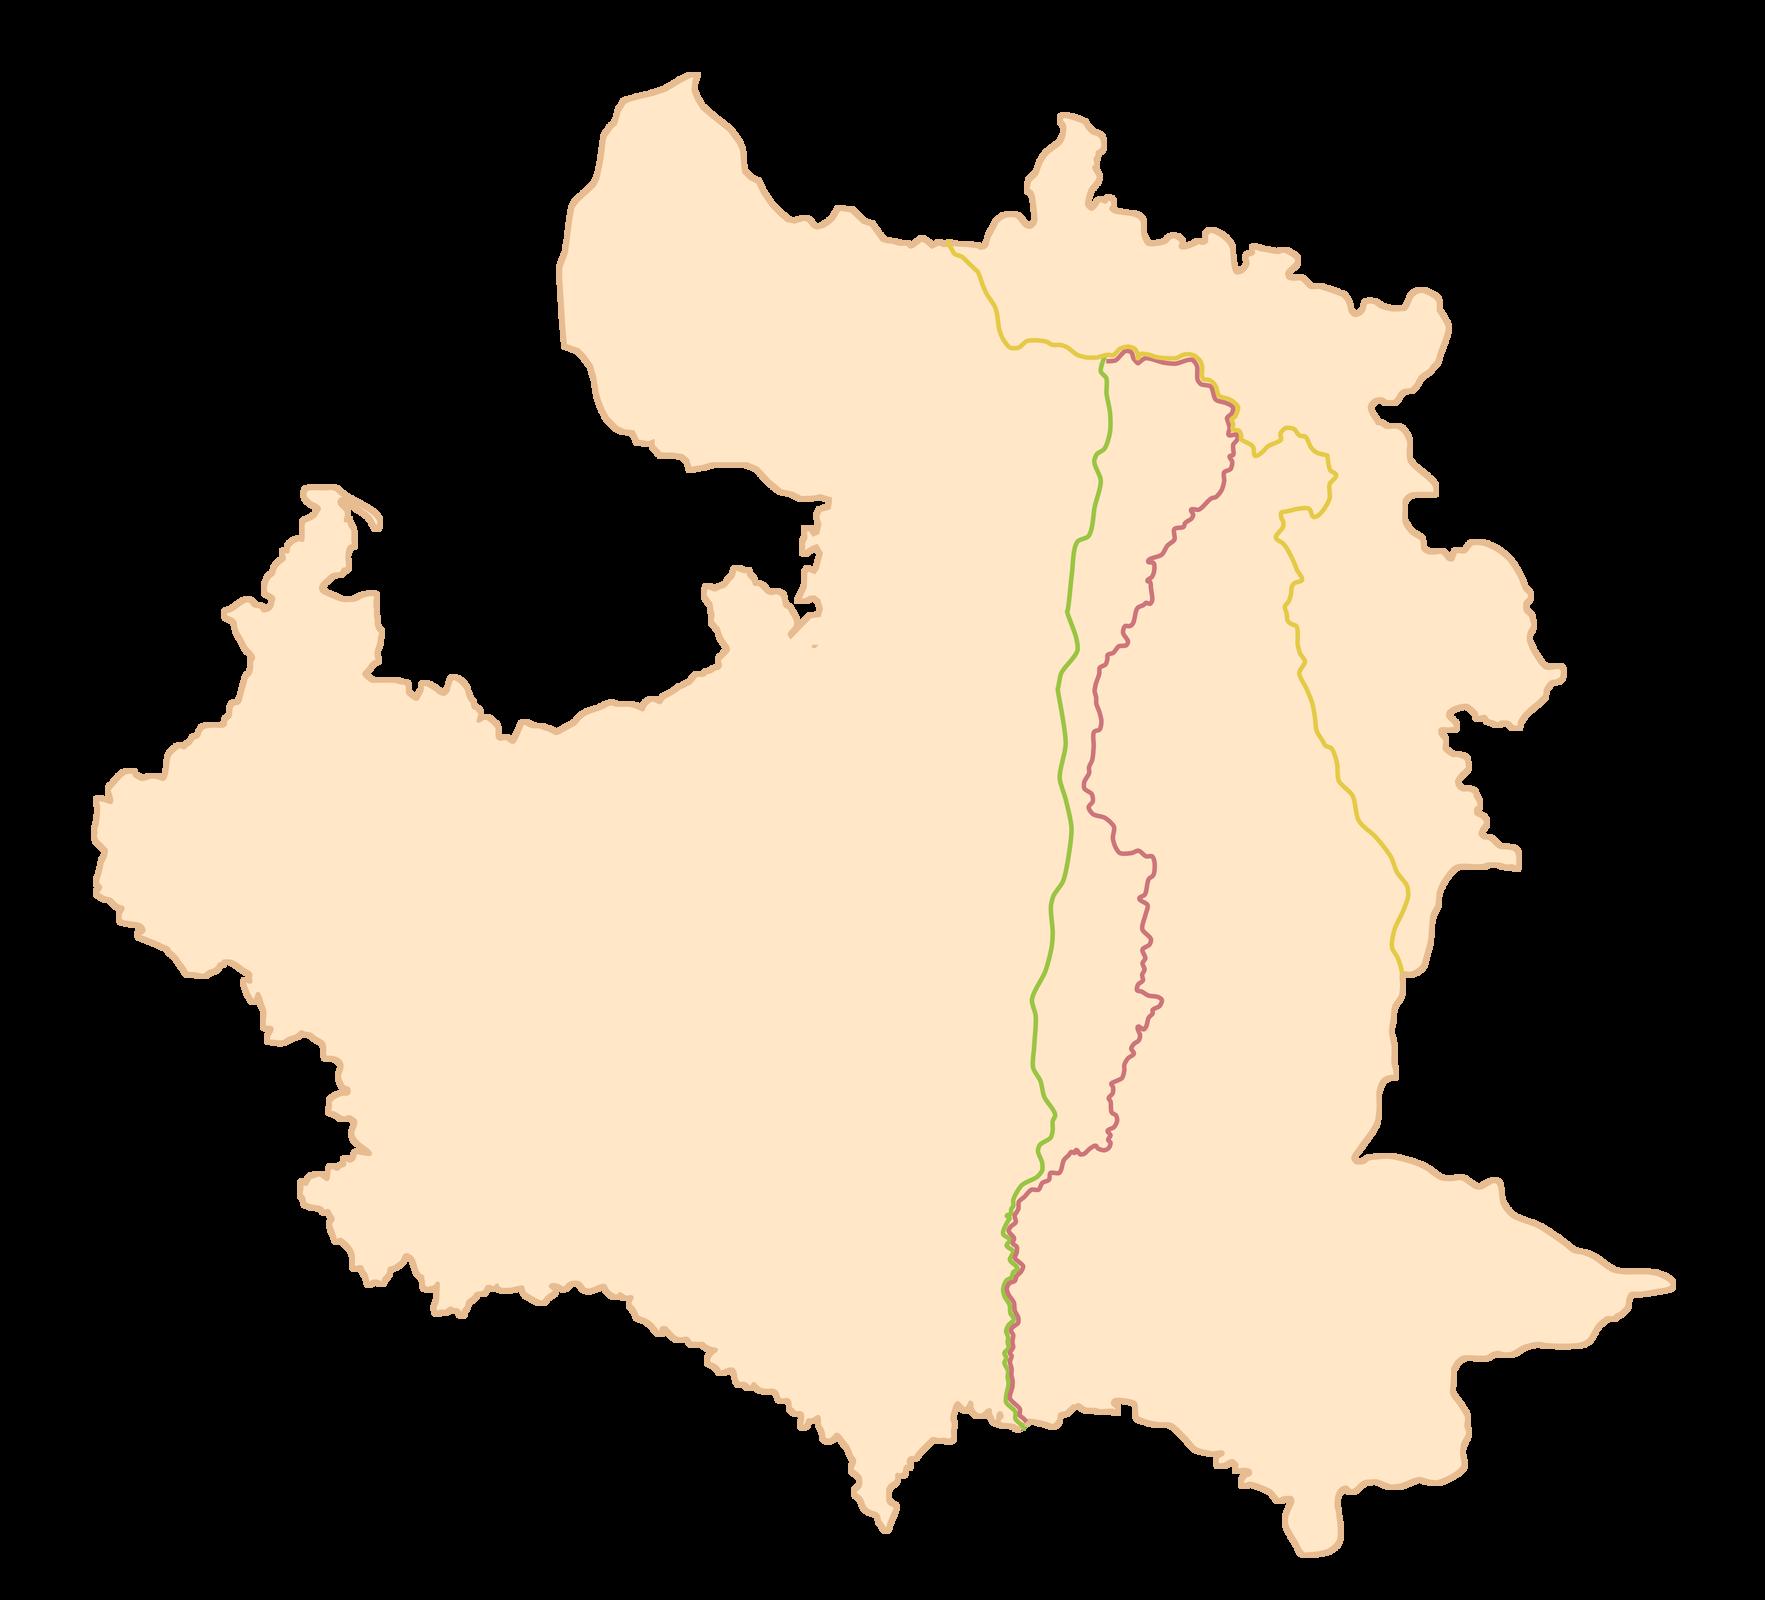 Mapa przedstawia granice Polski zRosją wdwóch wariantach: z1793 roku i1921. Widać wyraźnie powiększenie się obszaru terenów Polski na wschód, między innymi oczęść Wołynia iPolesia, zmiastem Pińskiem.